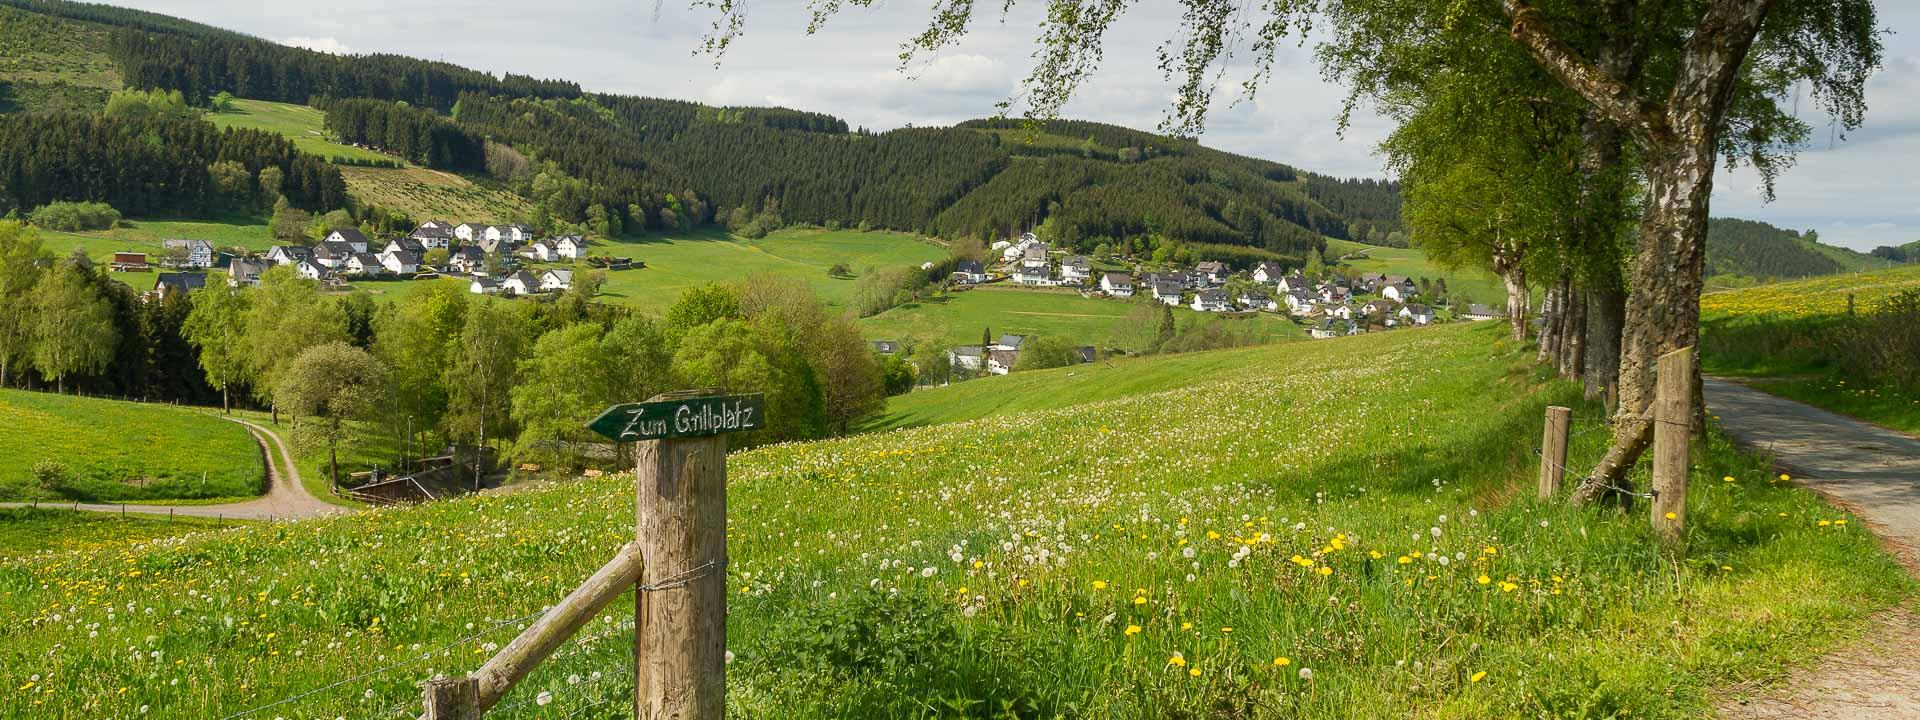 SGV-Abteilung Westfeld-Ohlenbach